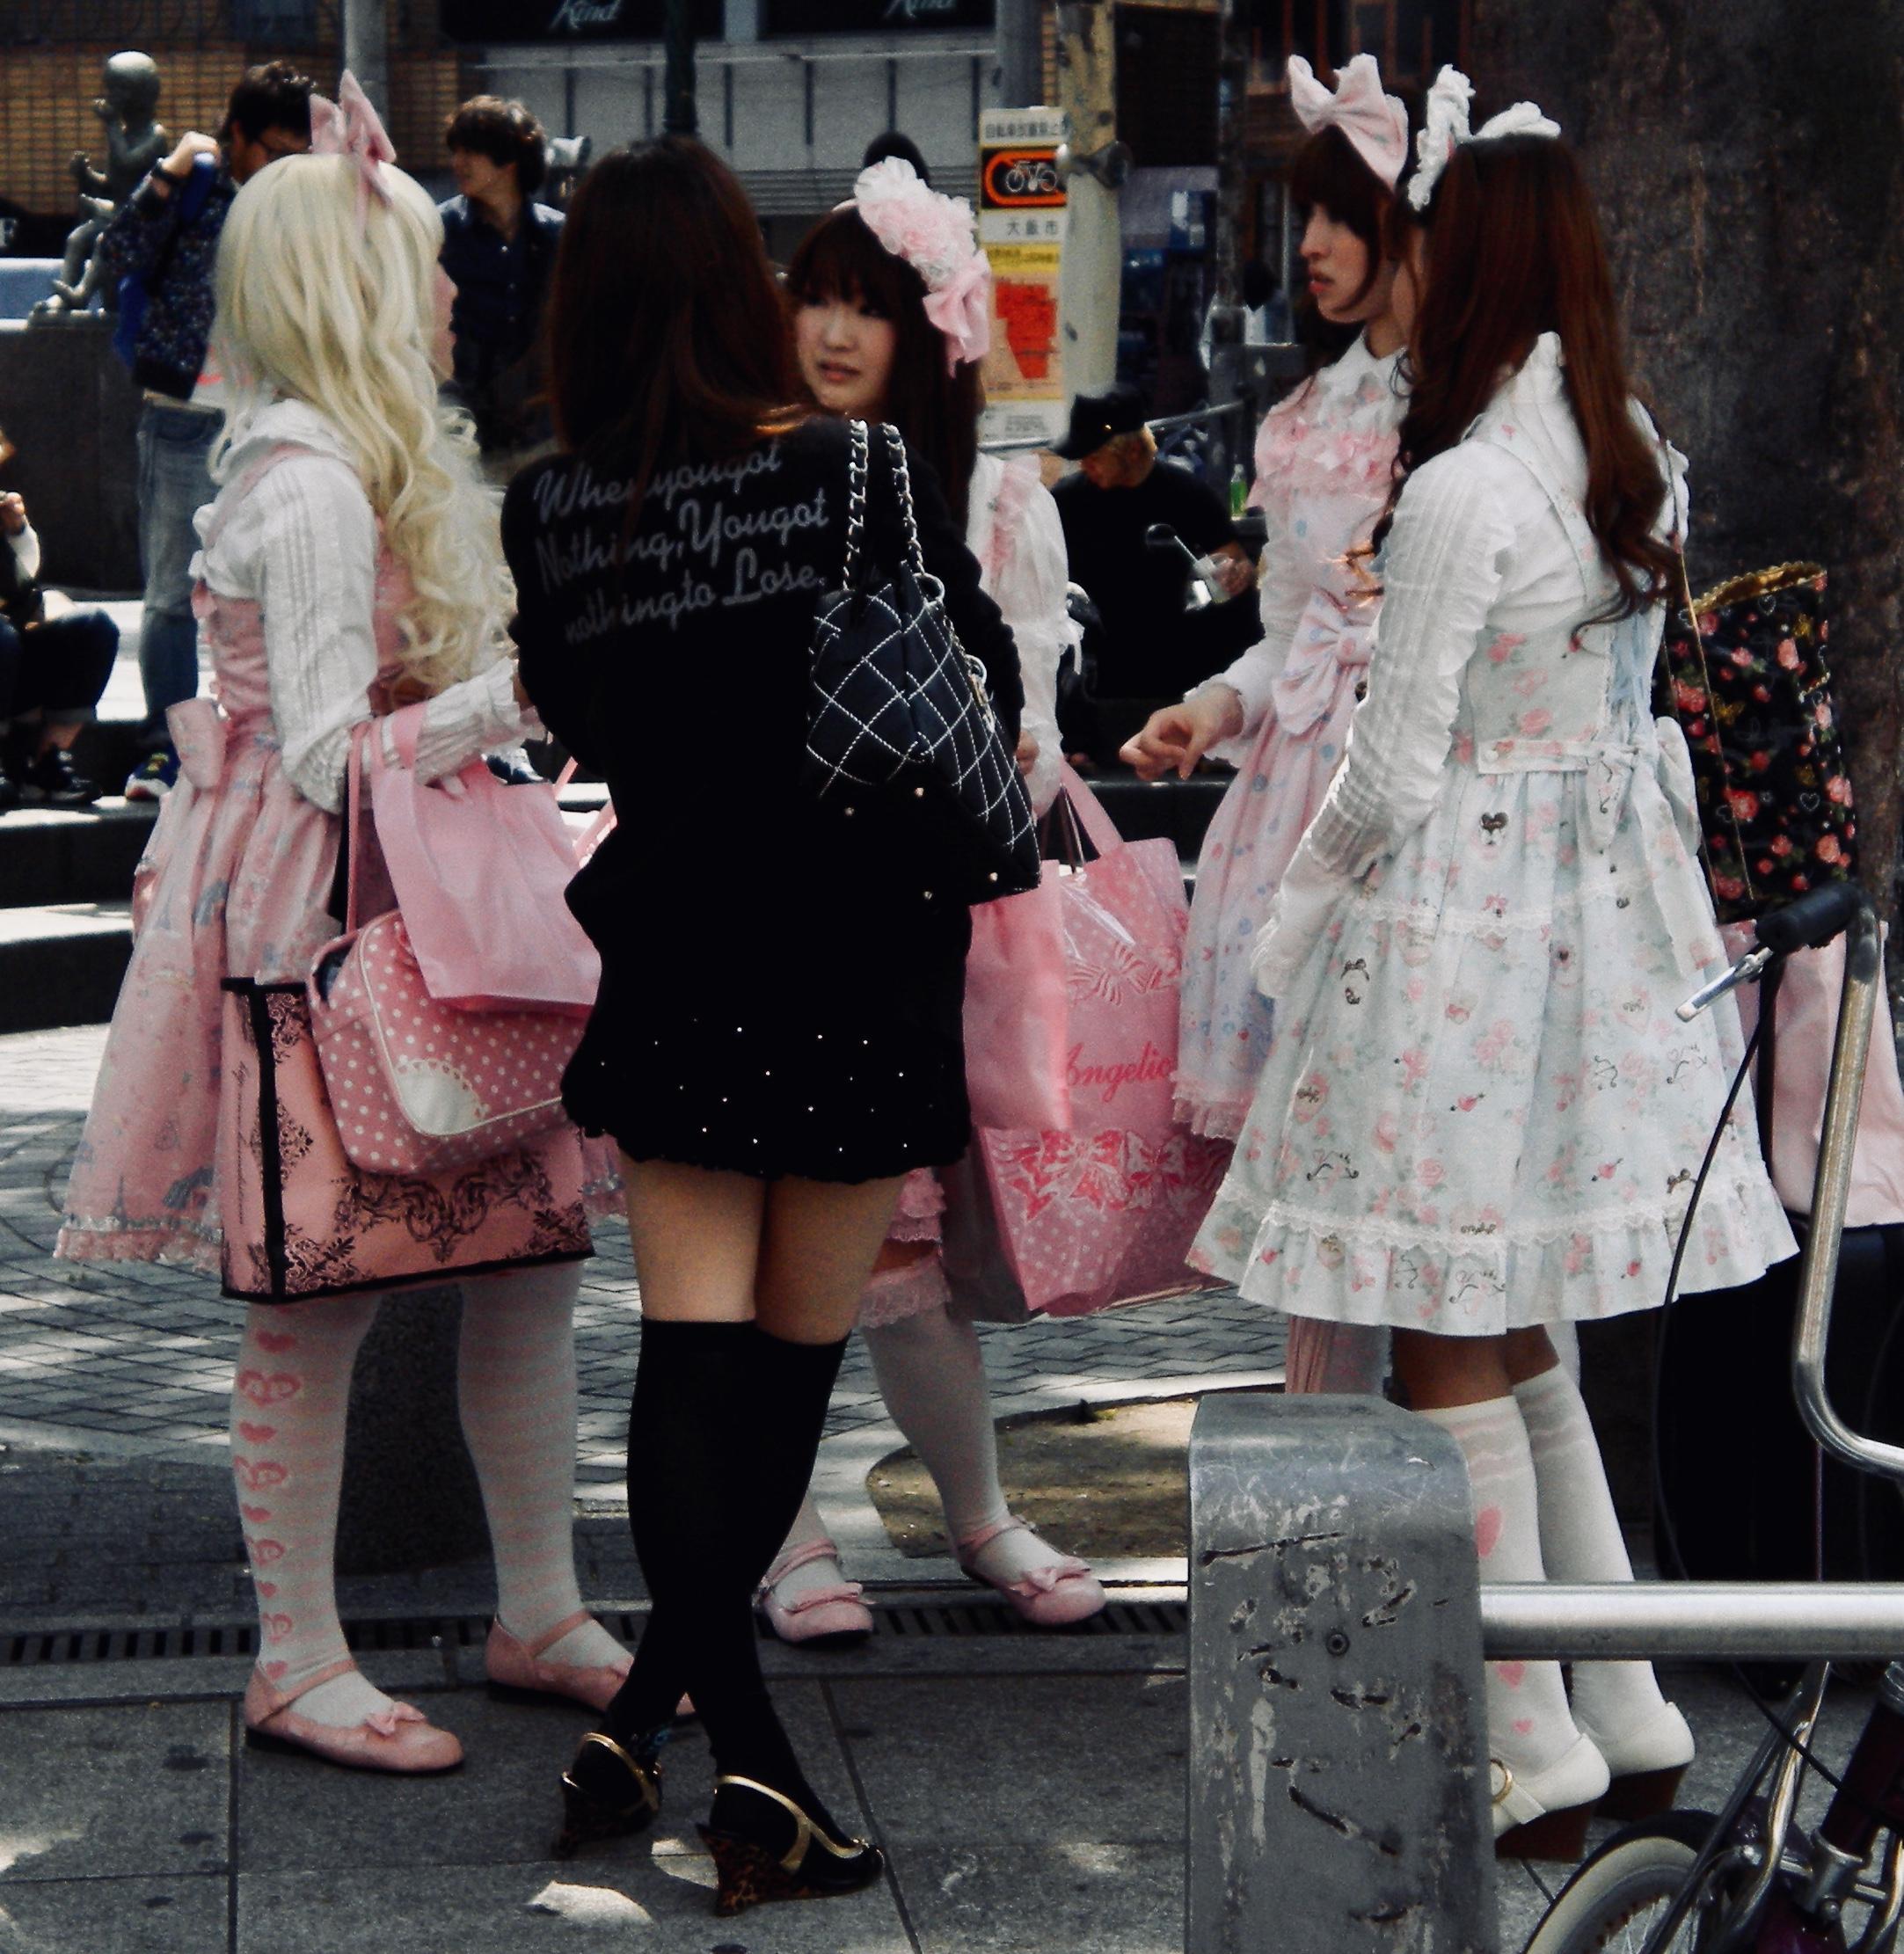 Shinjuku Bo Peep girls